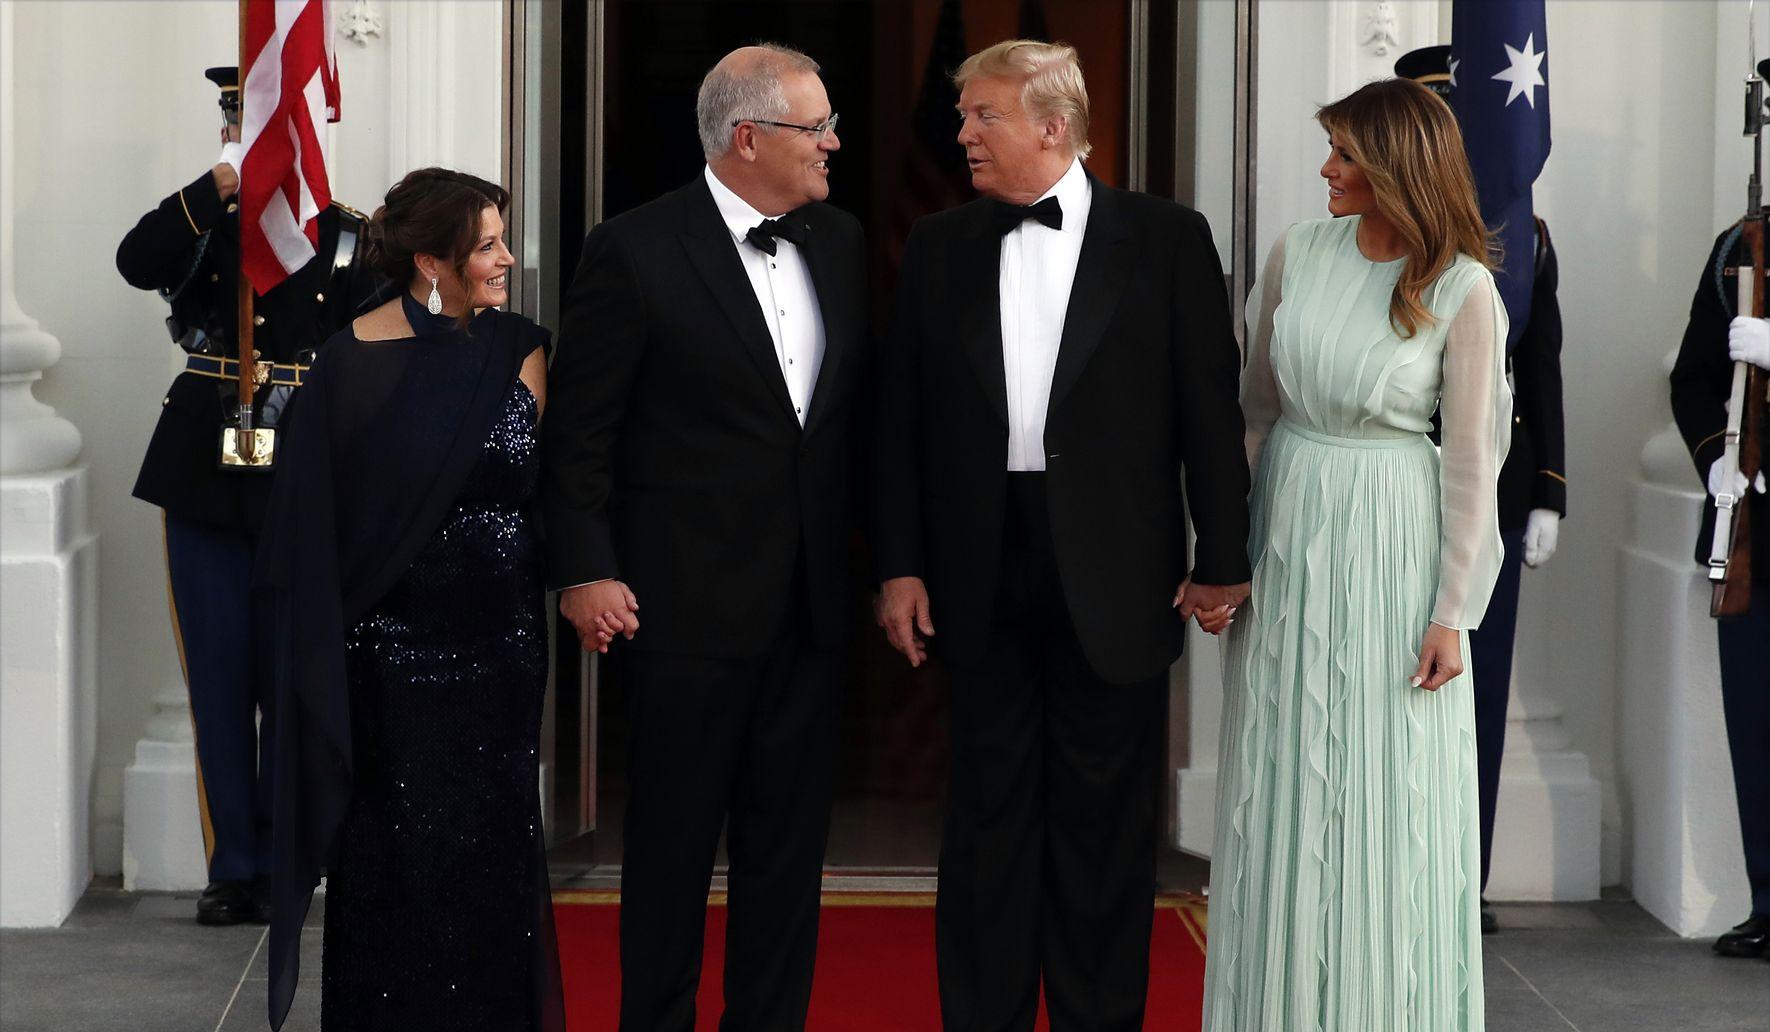 Trumps host glittering state dinner for Australian leader